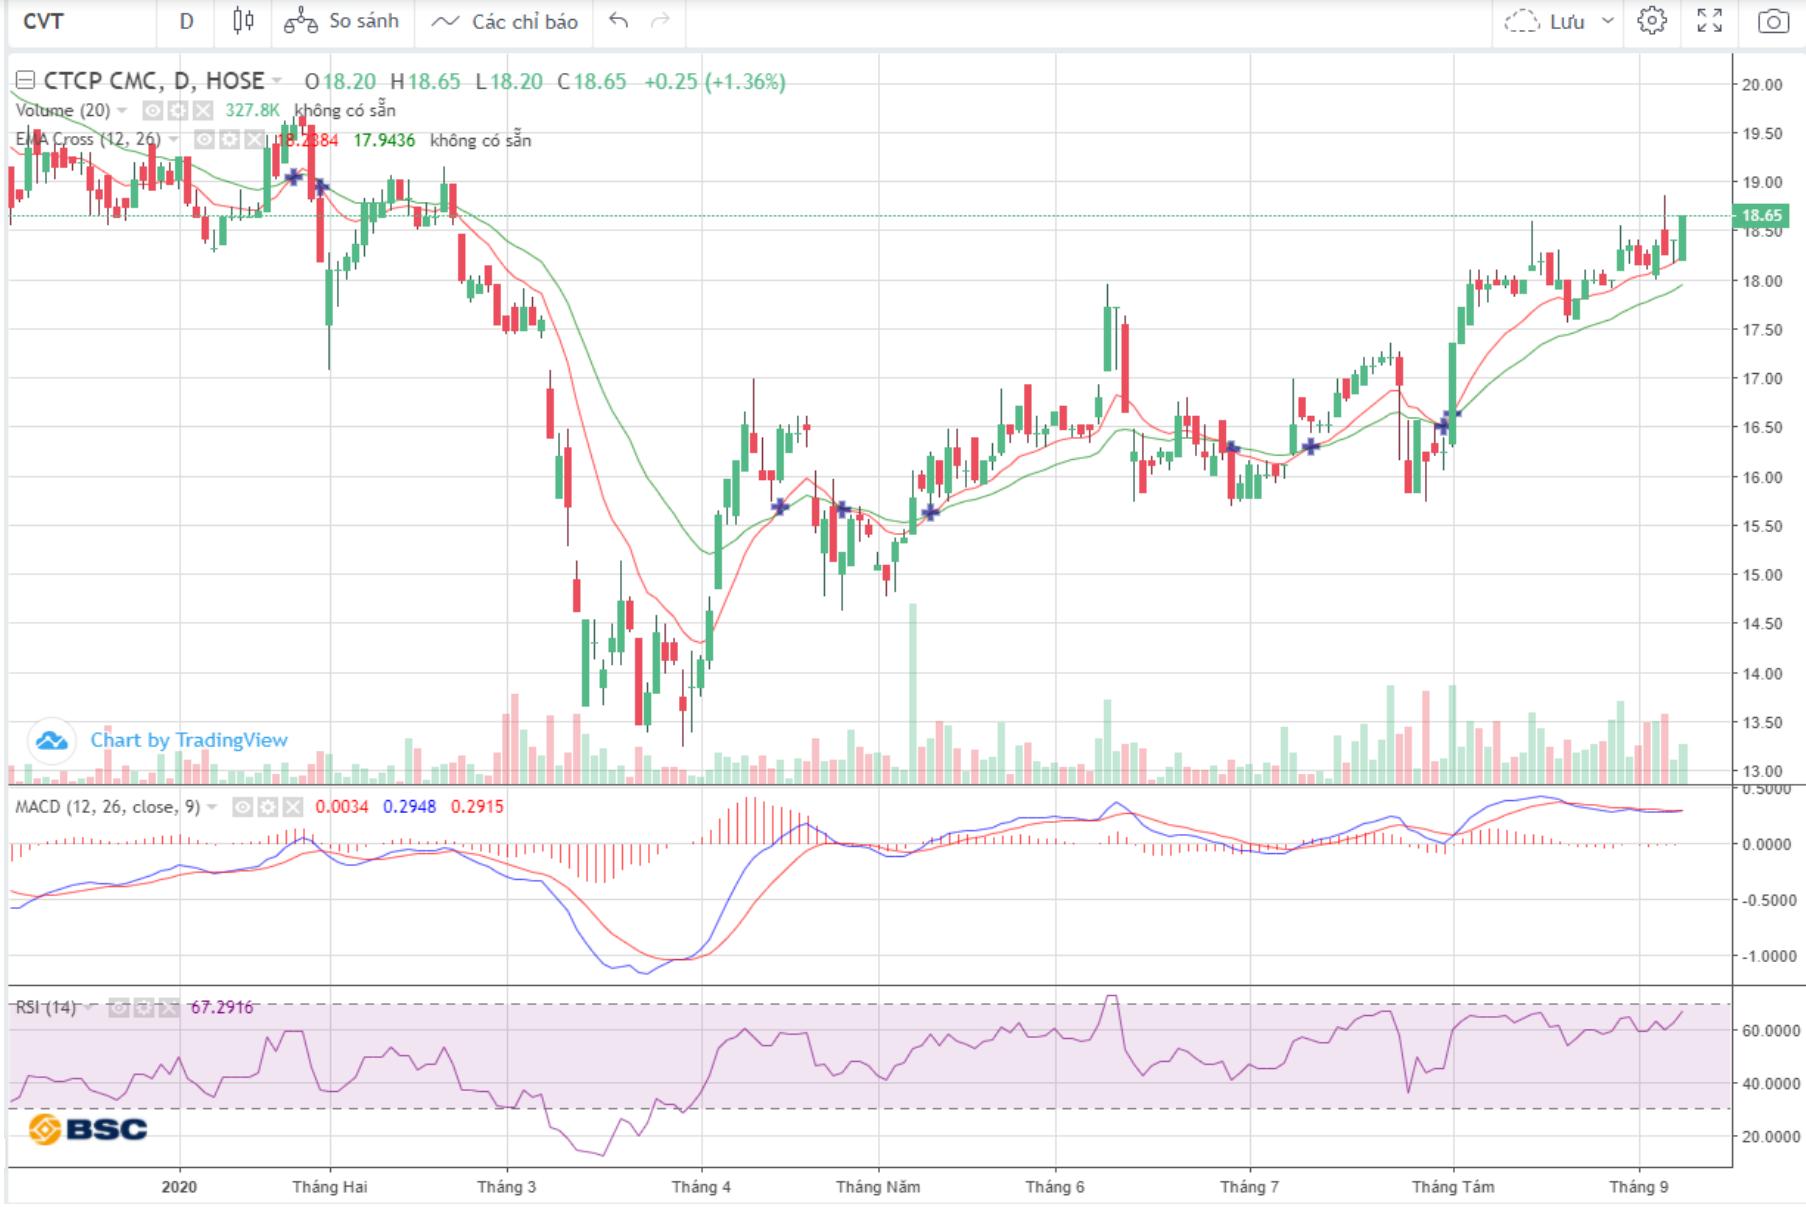 Cổ phiếu tâm điểm ngày 10/9: VIC, CVT, AGG - Ảnh 1.